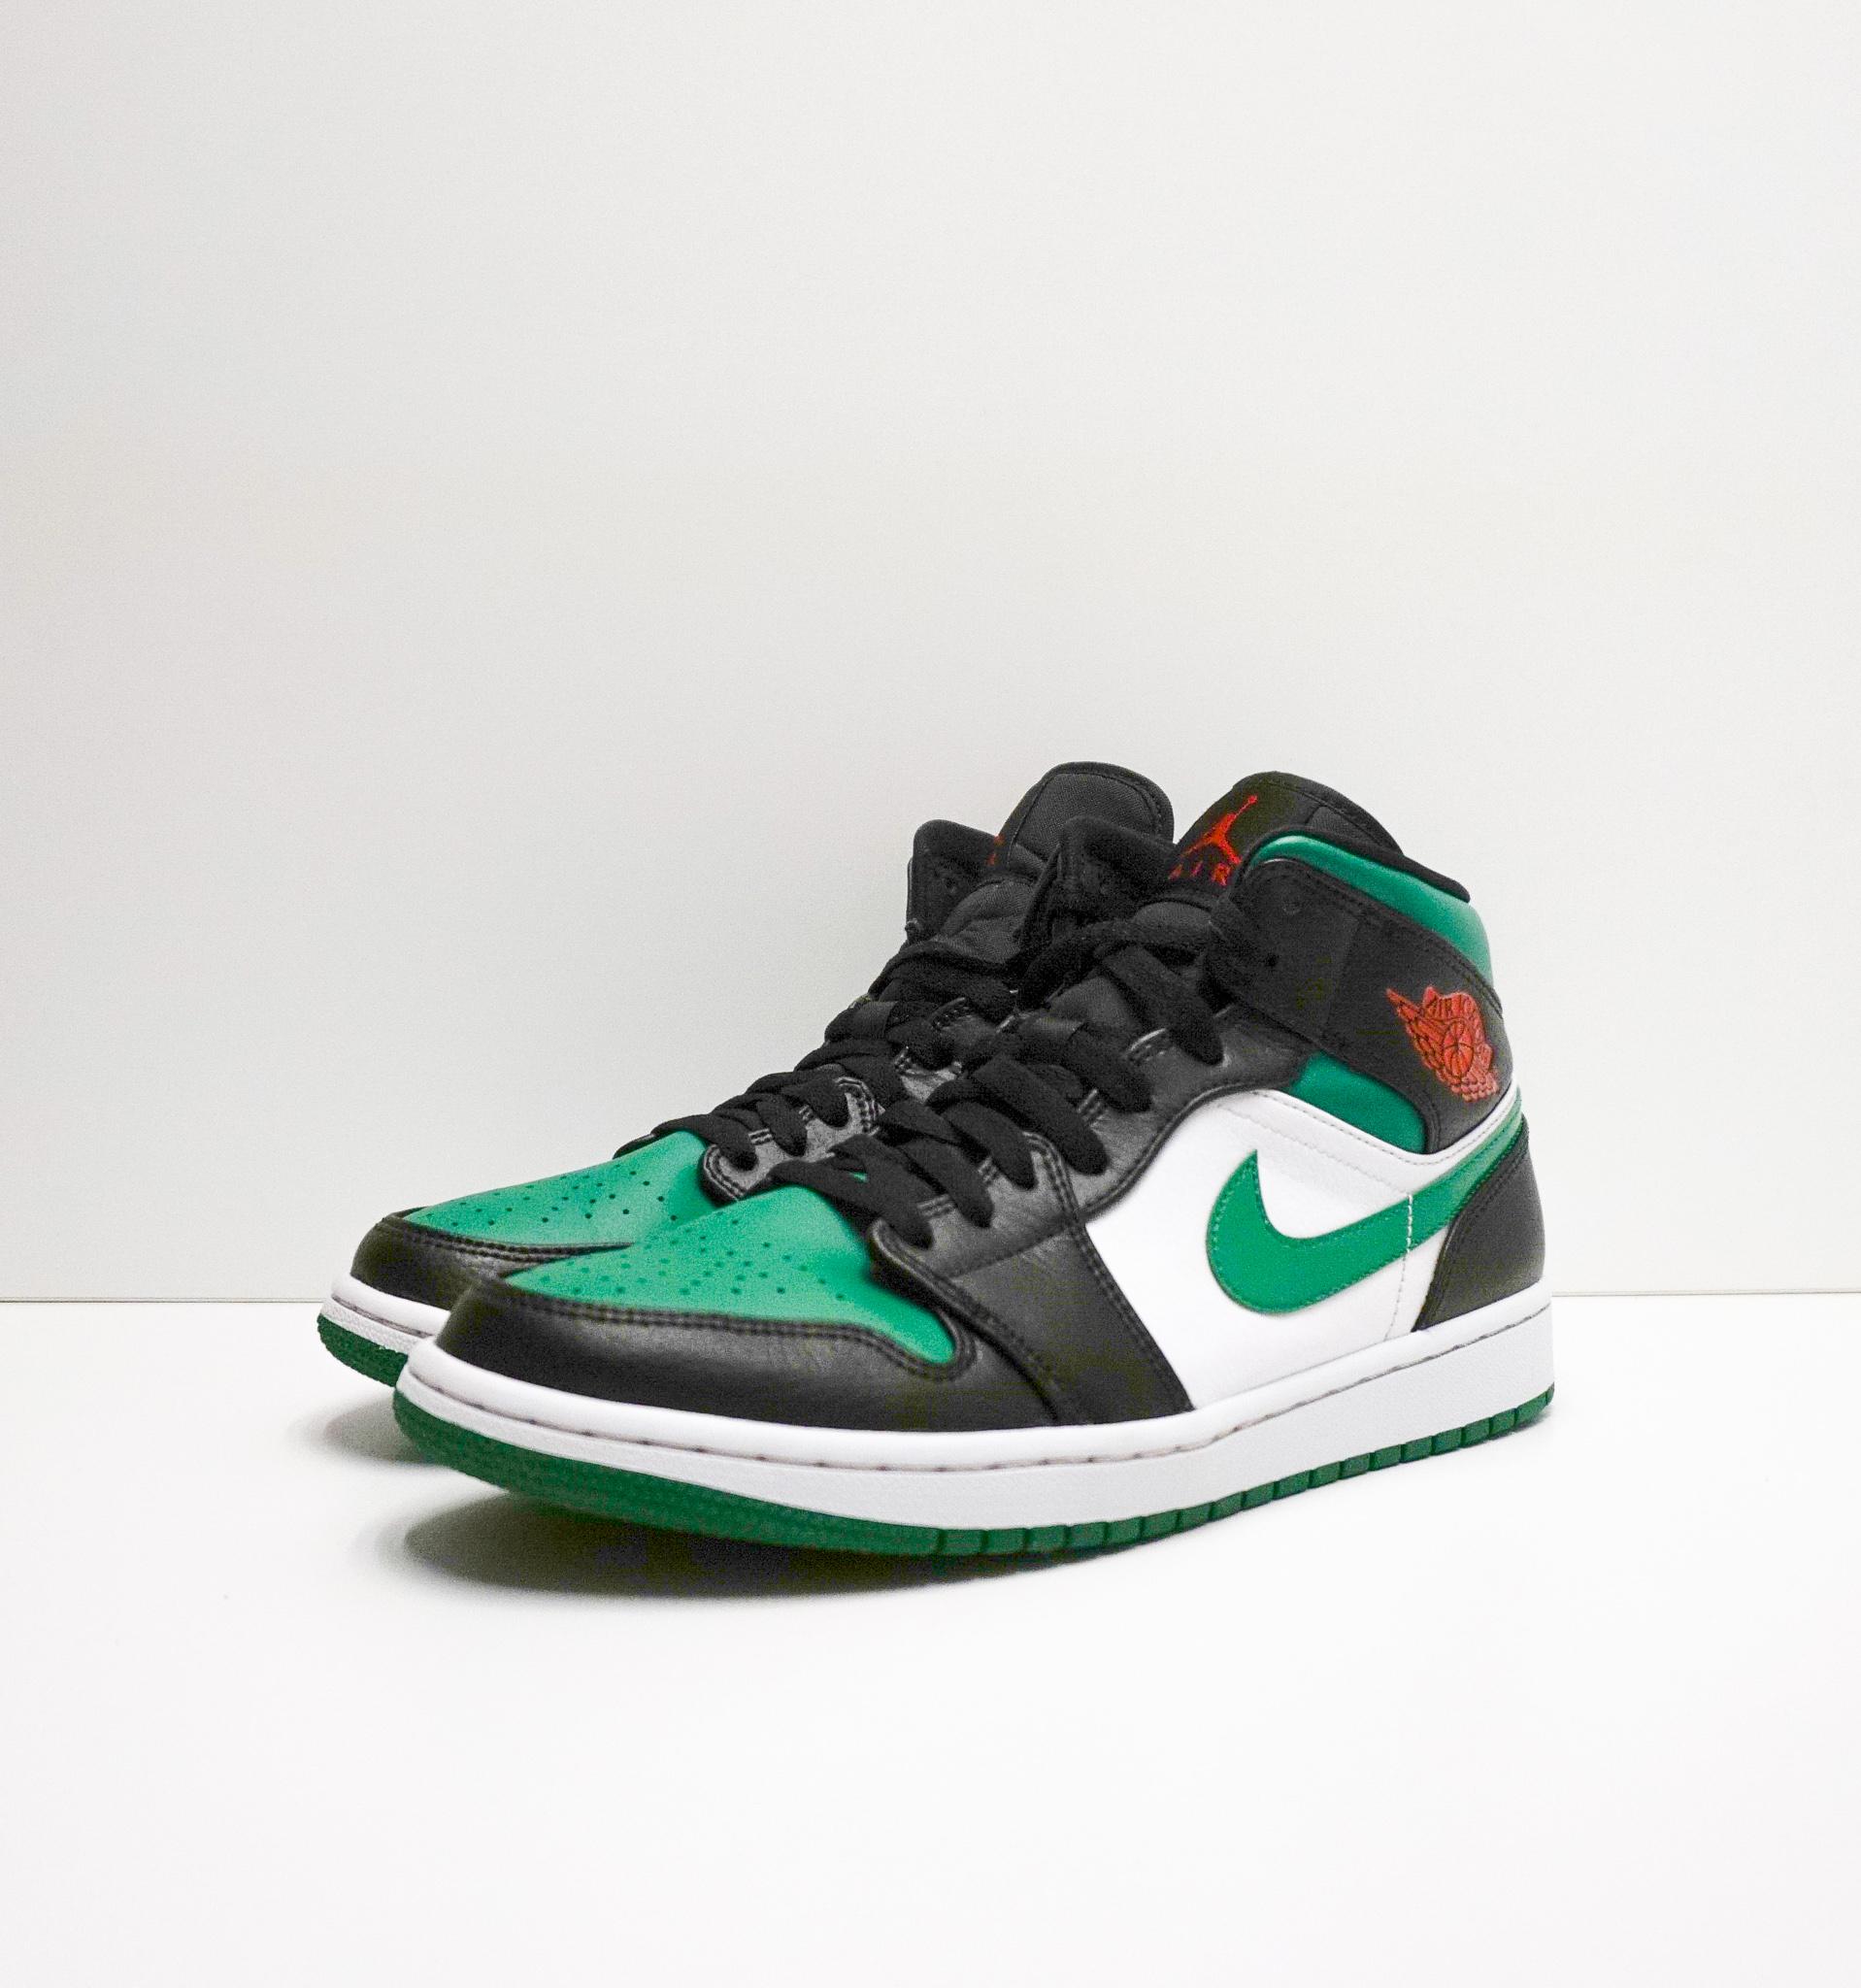 1 Jordan 1 Mid Green Toe